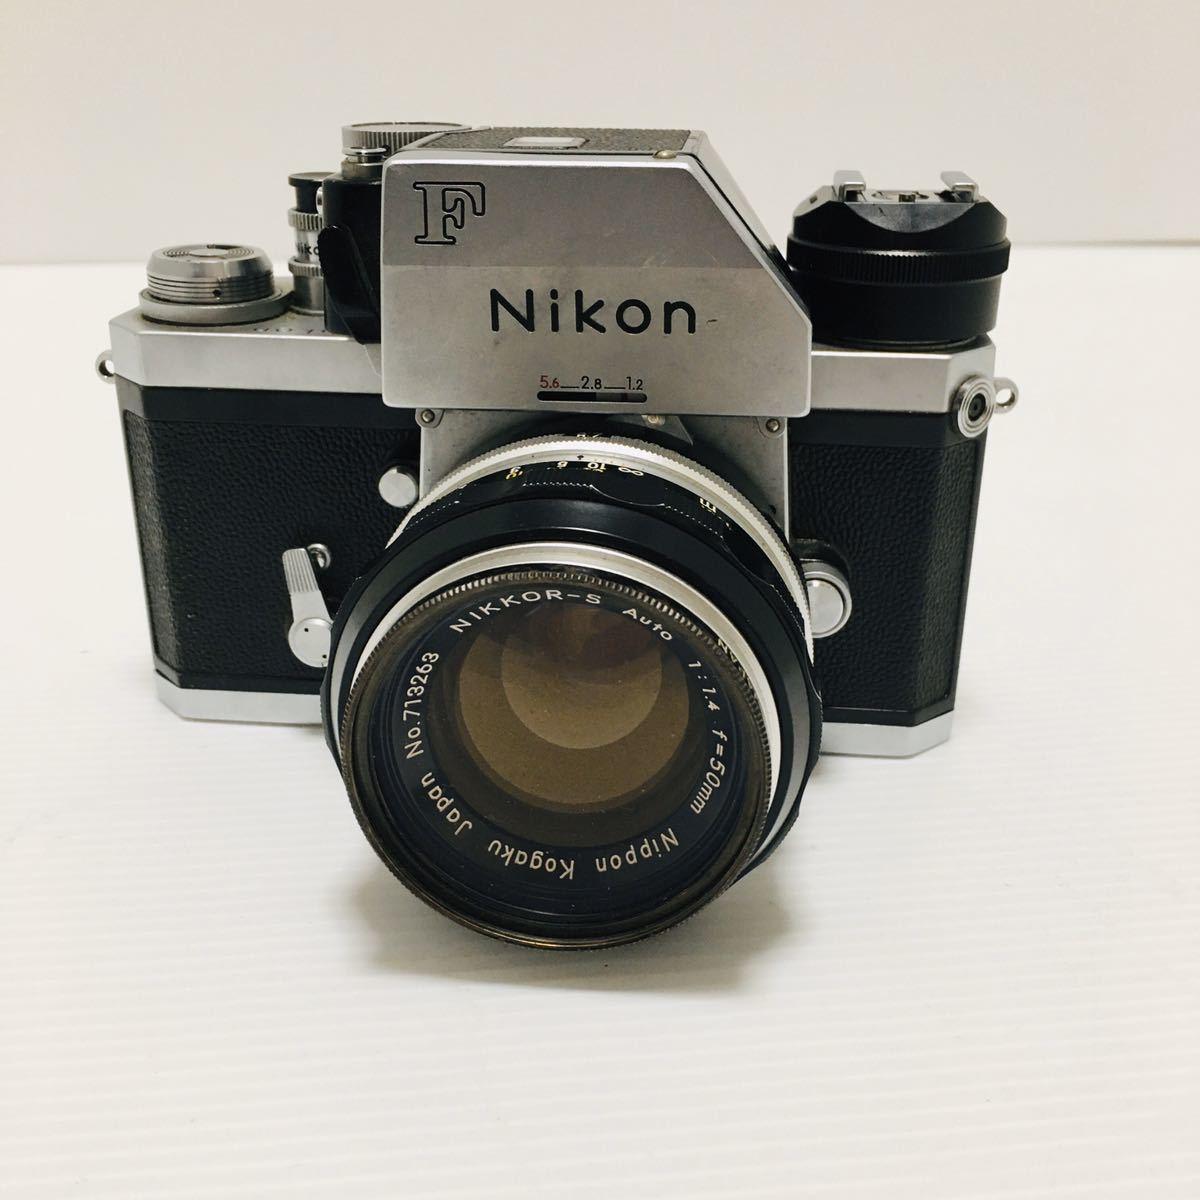 【動作未確認】Nikon F シルバー フィルムカメラ national3650 フラッシュ、レンズ付 NIKKOR-S 1:1.4 ジャンク_画像3